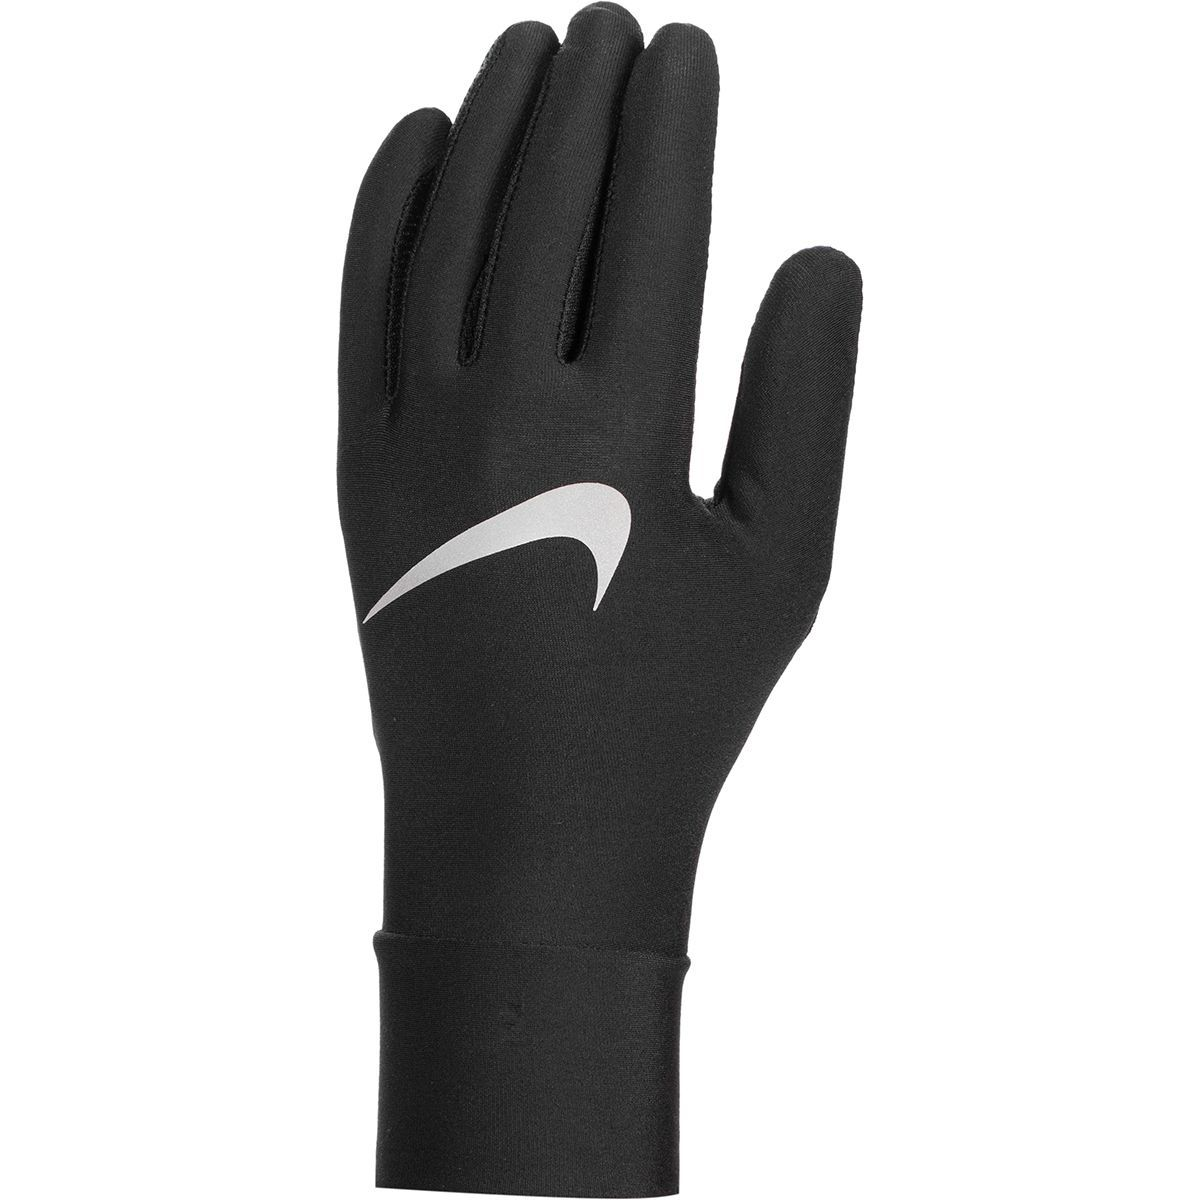 Nike Lightweight Tech Running Gloves - Women's